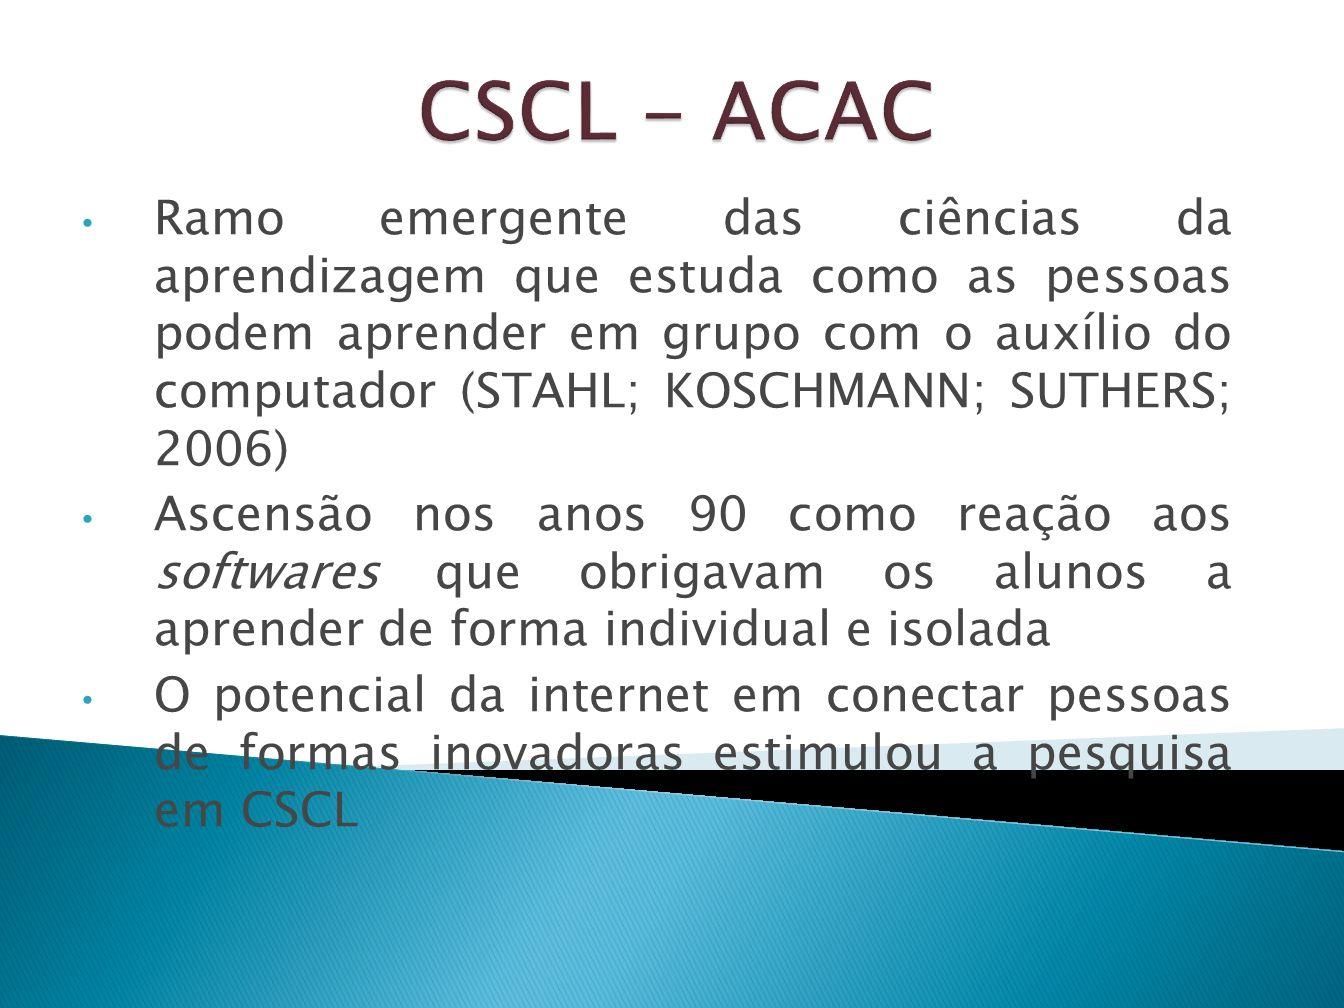 Durante o desenvolvimento da CSCL os problemas de design, disseminação e o aproveitamento efetivo das vantagens oferecidas pelos softwares educacionais inovadores tornaram-se cada vez mais aparente.